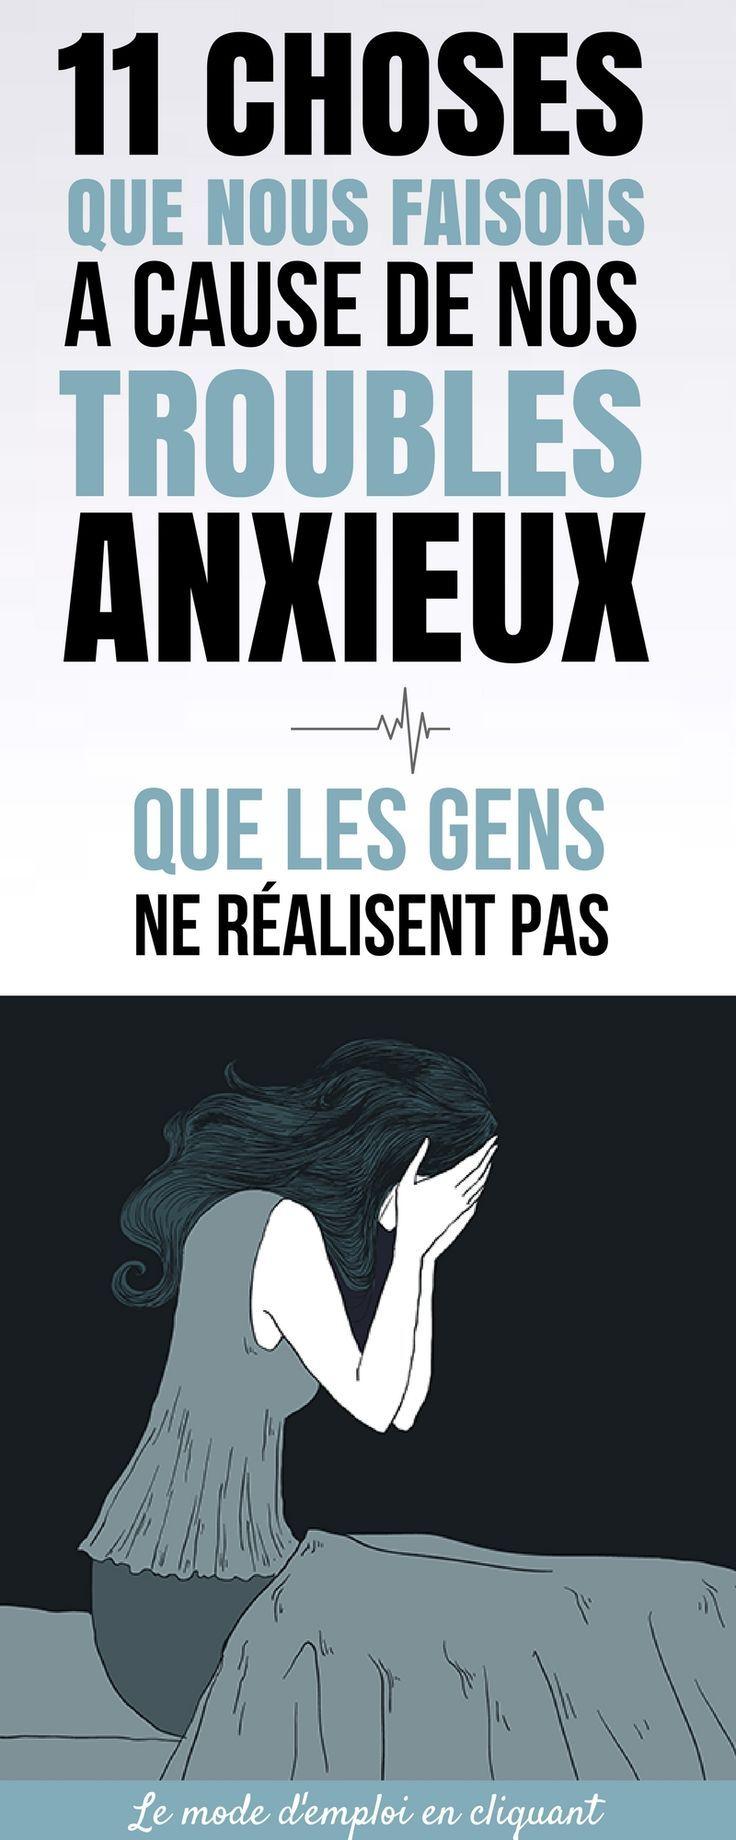 Au quotidien, les effets de l'anxiété sont souvent minimisés. Pour comprendre l'anxiété, il faut l'avoir vécue. Une partie du problème vient du fait qu'il y a encore beaucoup de mystères et d'idées erronées autour de l'anxiété.   Bien que beaucoup de personnes pensent que les personnes souffrant d'anxiété sont paresseuses et irresponsables, souvent, rien ne pourrait être plus éloigné de la vérité.   Si l'anxiété ponctuelle est normale... #santé #chasseursdastuces #anxiété #angoisse #stress